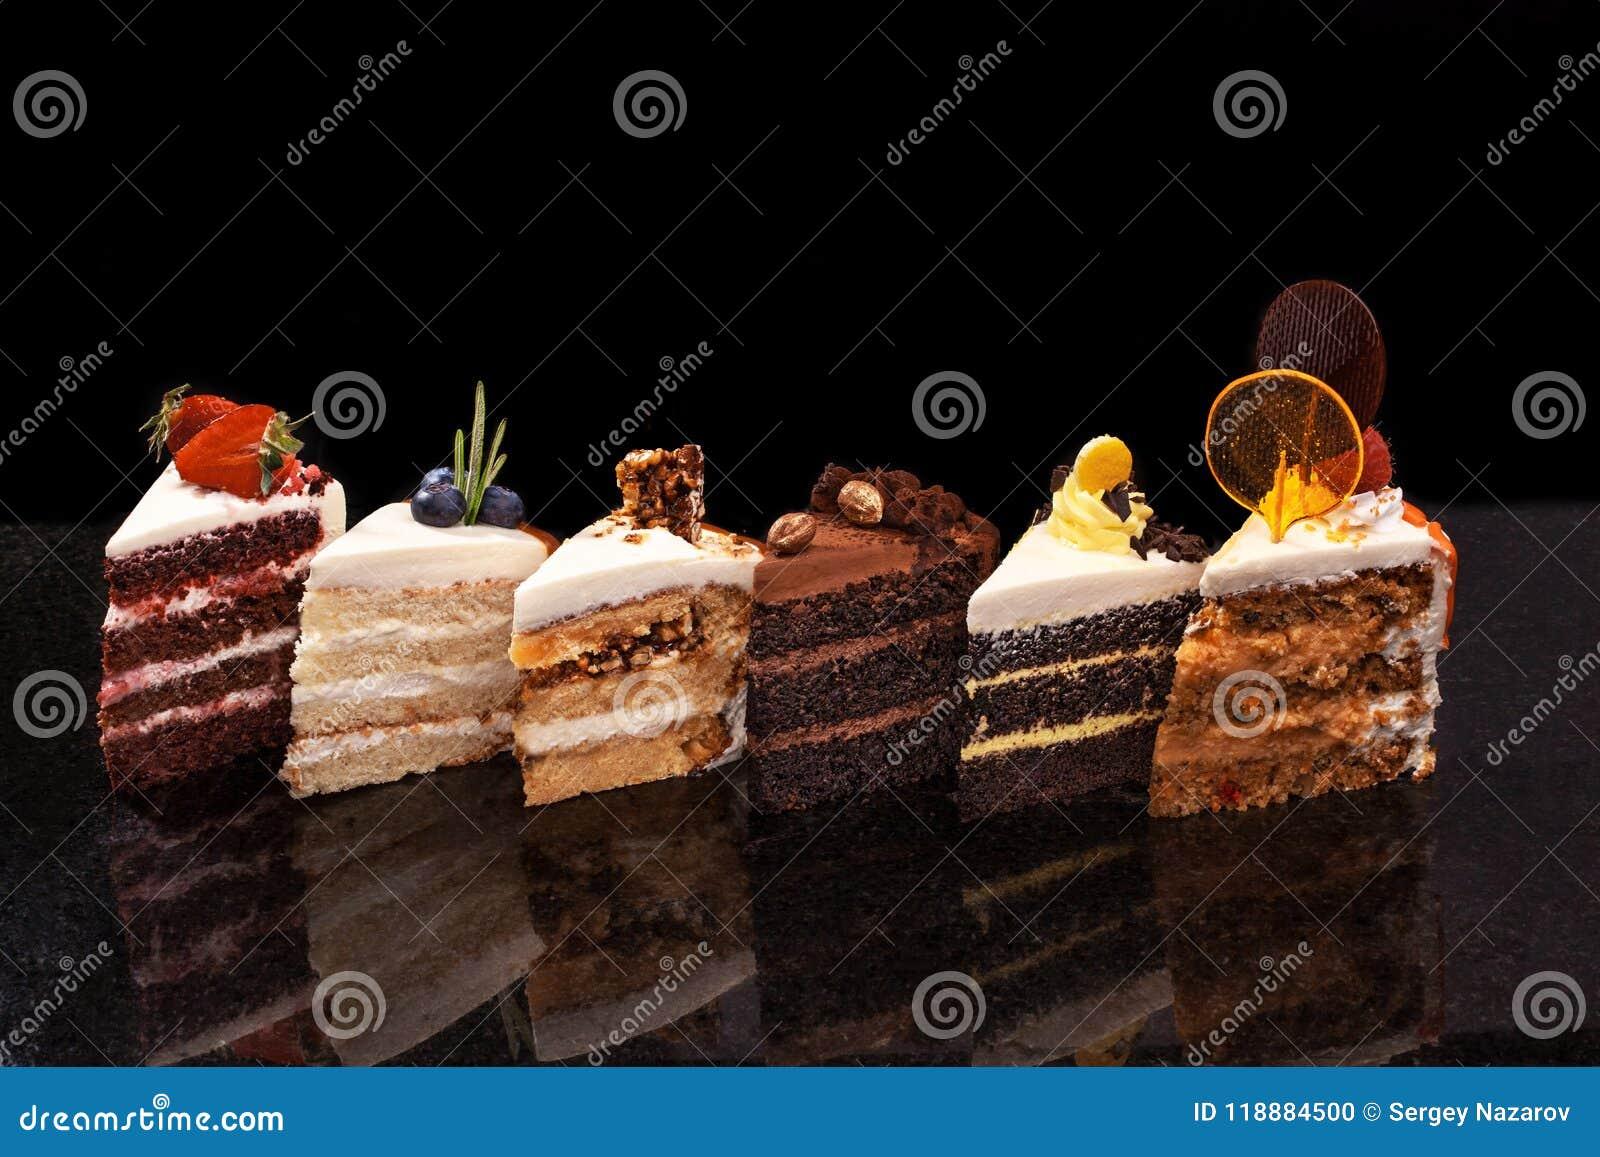 Blandade stora stycken av olika kakor: choklad hallon, jordgubbar, muttrar, blåbär Stycken av kakor på a